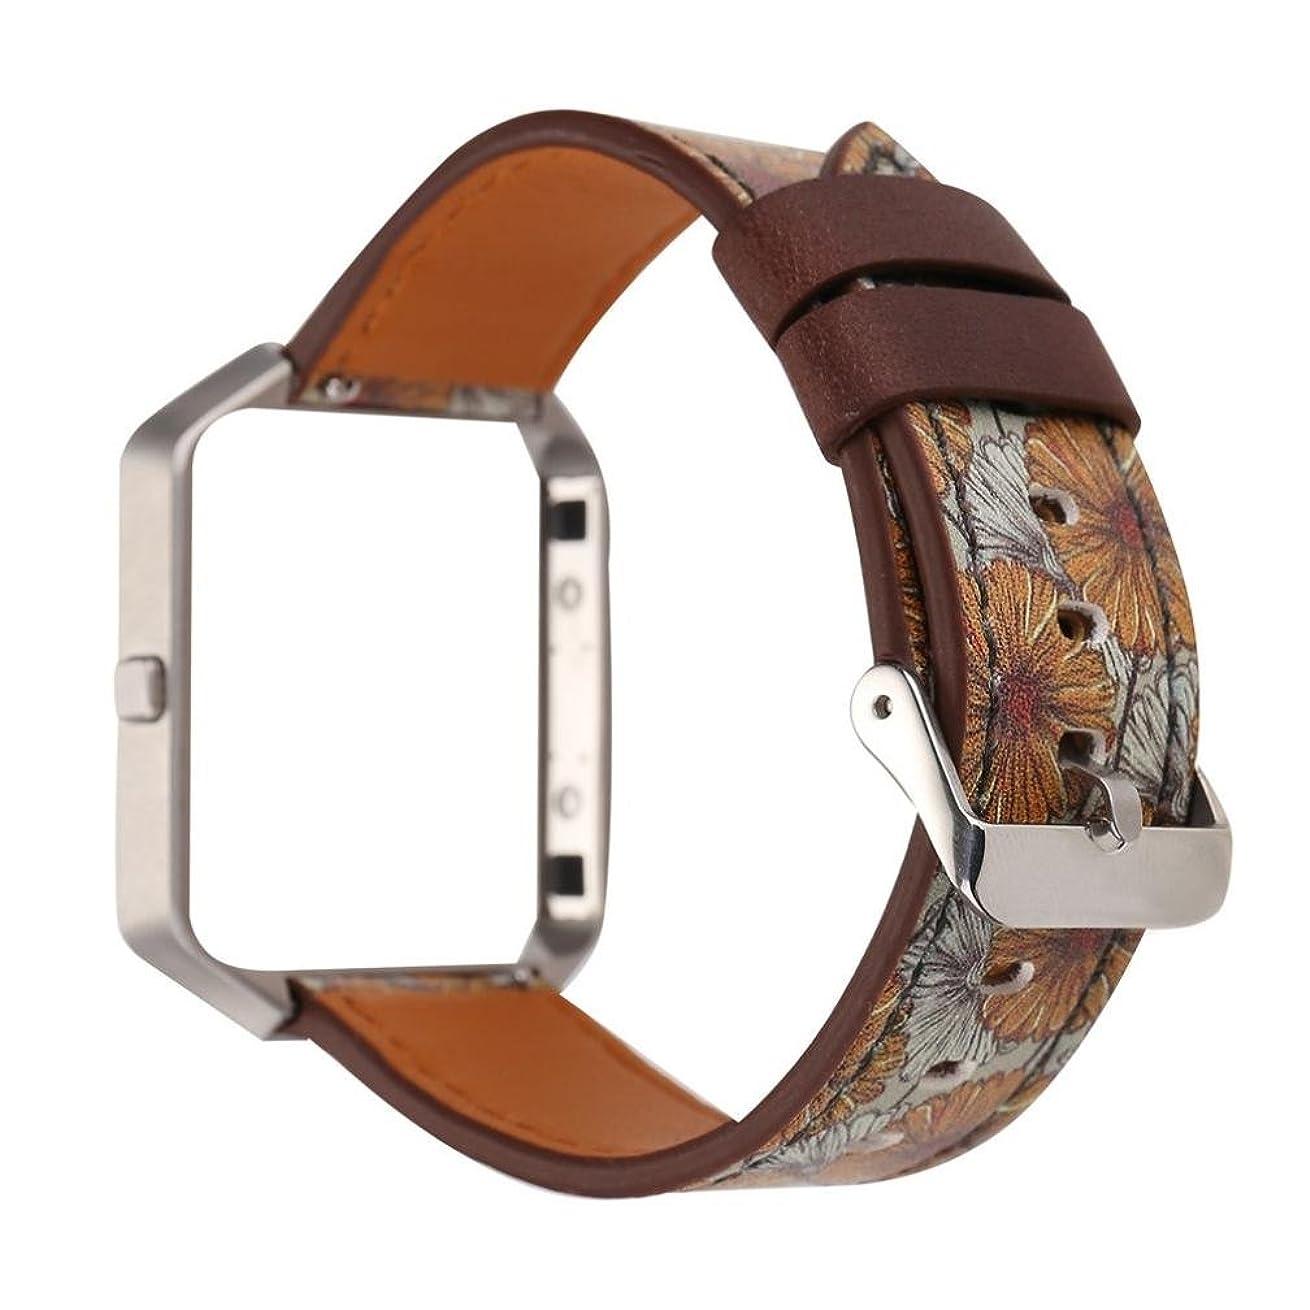 同様の小説解決Ama (TM) for Fitbit Blaze Bands withメタルフレーム、レザーリストバンドスマートストラップ時計バンド交換用